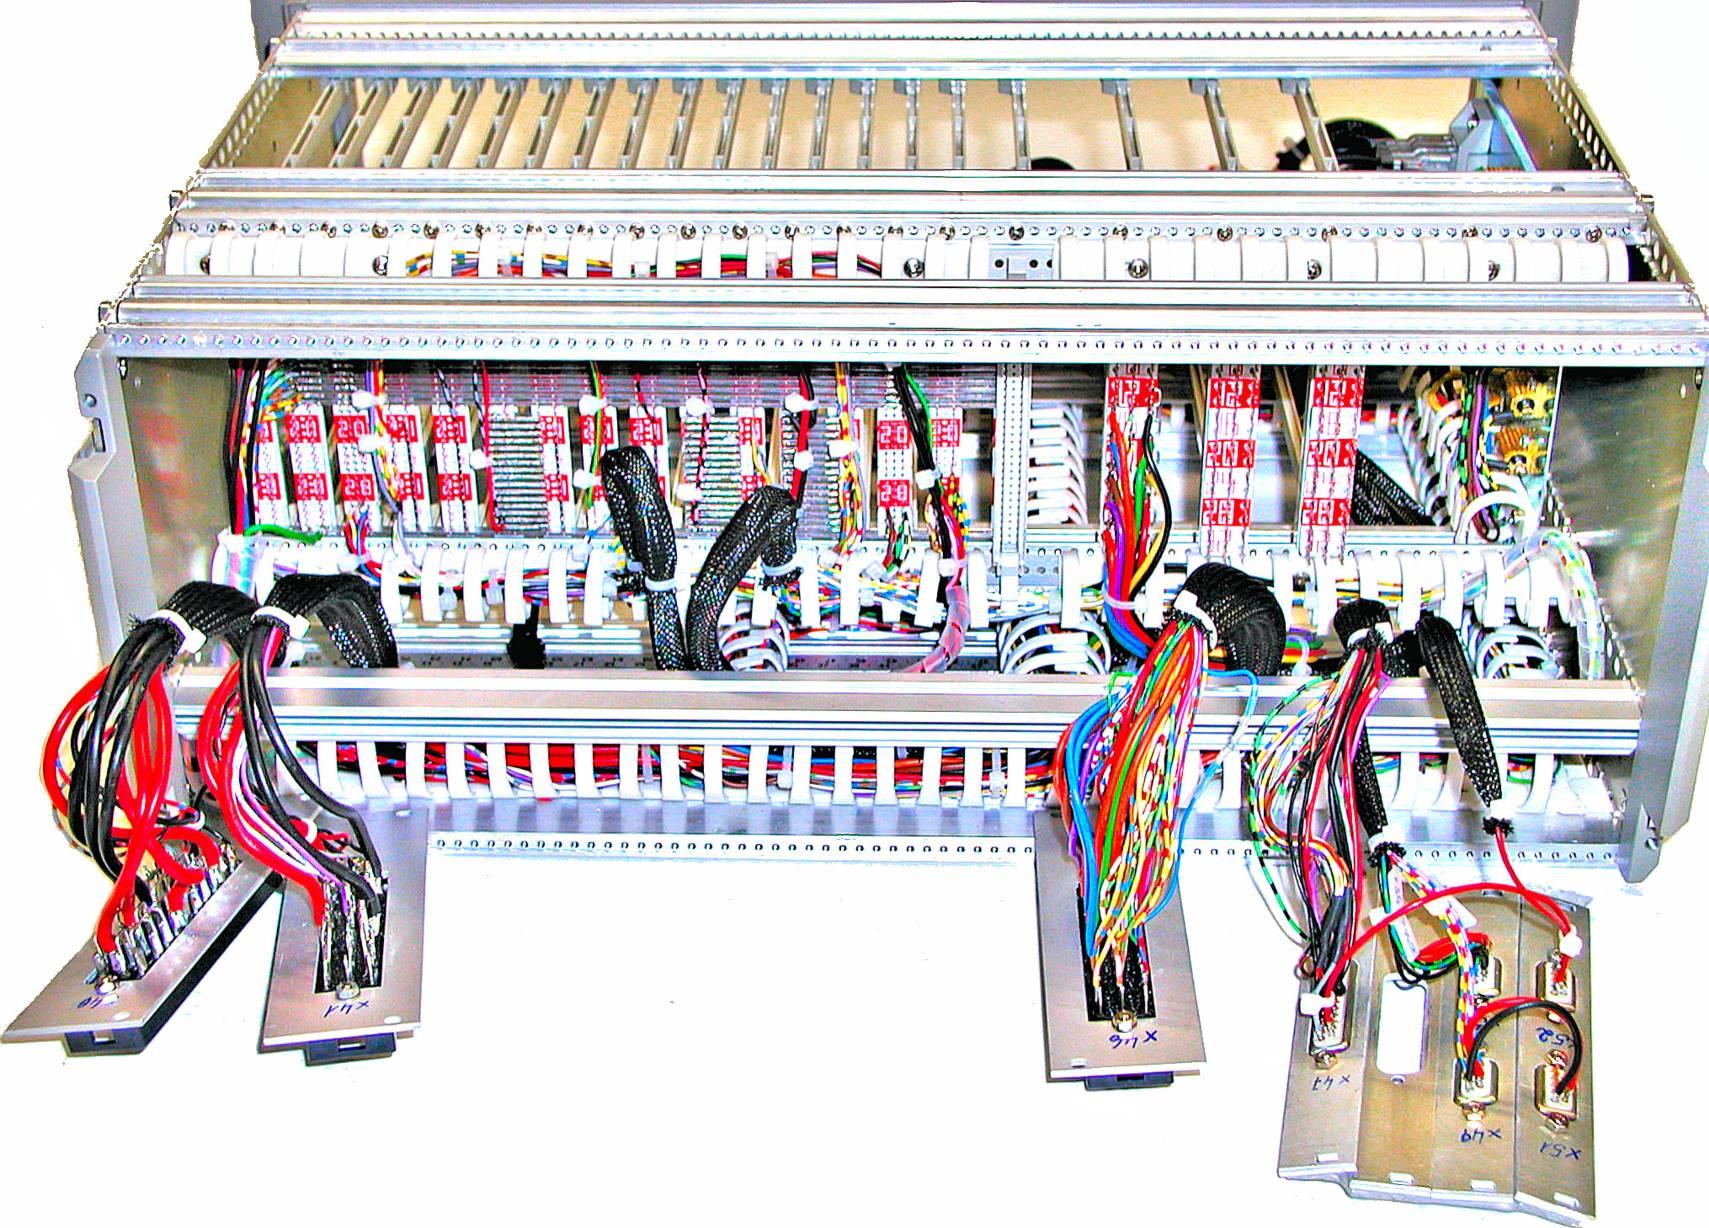 Verdrahten von elektronische Geräte Baugruppen & Montage